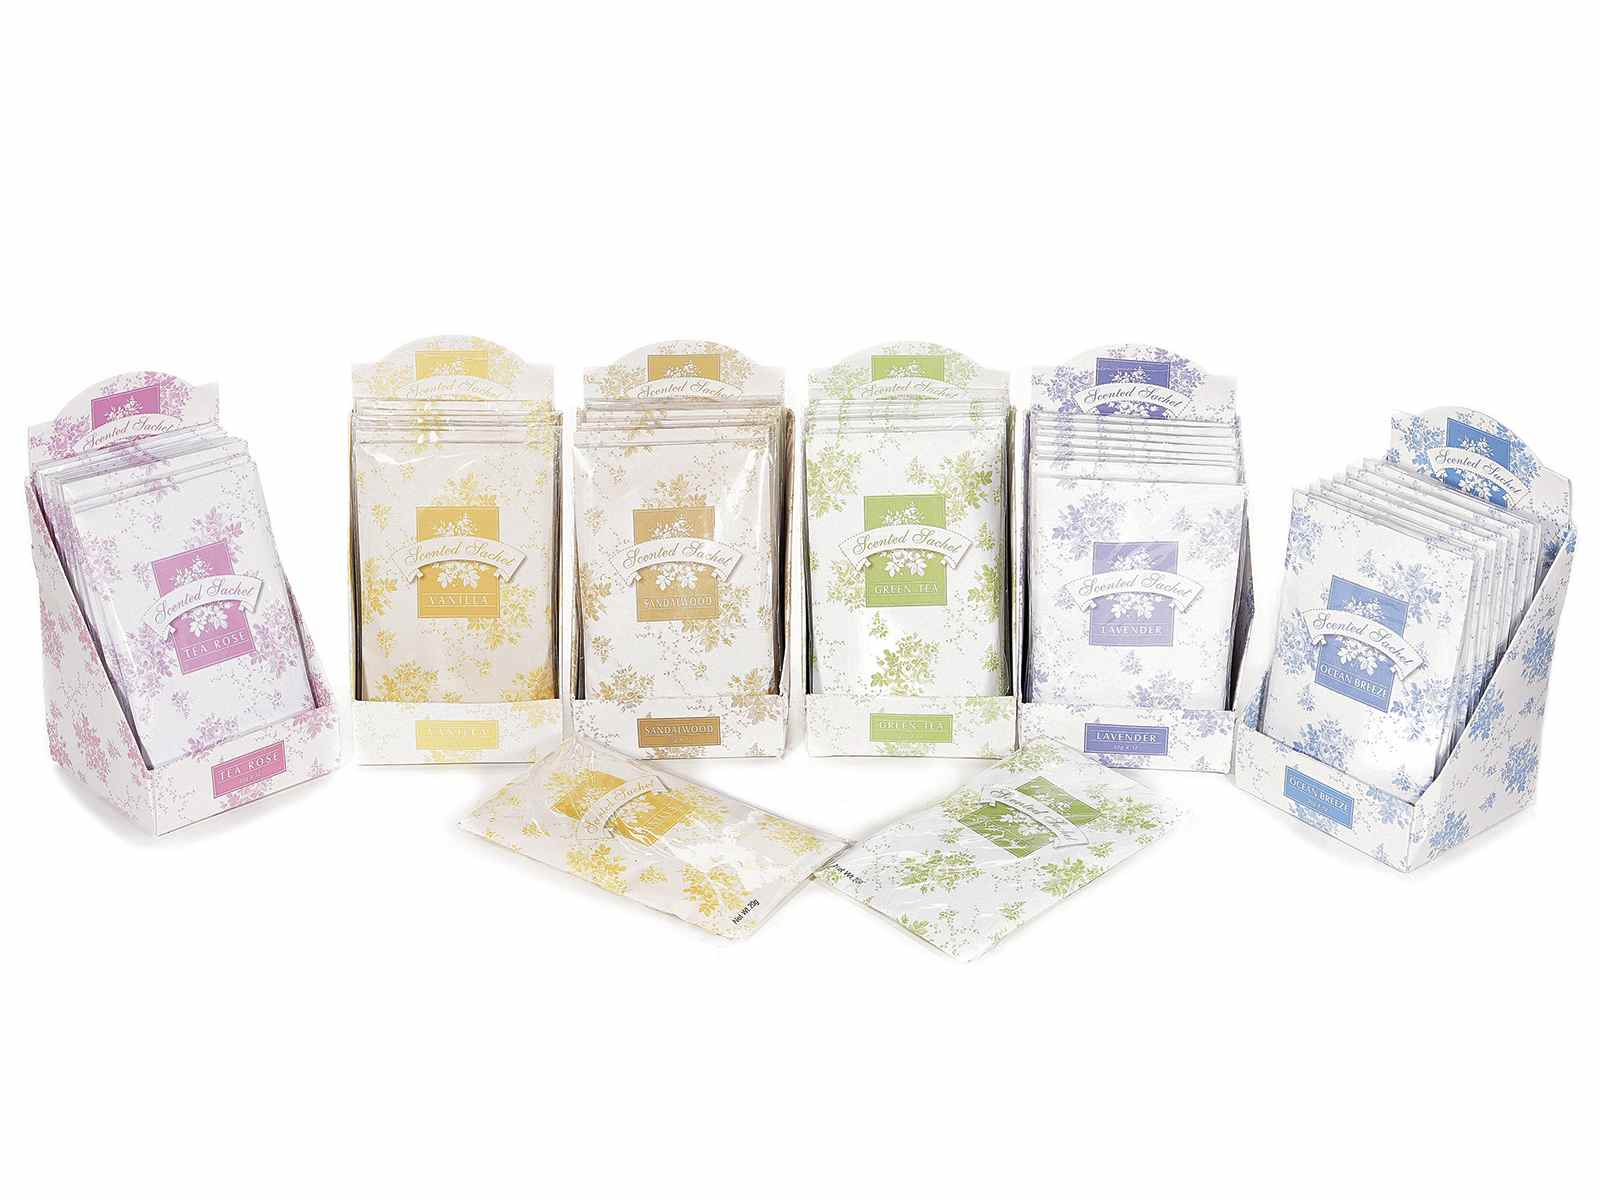 Sachet Parfumé Pour Armoire : sachet parfum pour armoire en bo te de 12 pi ces ~ Teatrodelosmanantiales.com Idées de Décoration